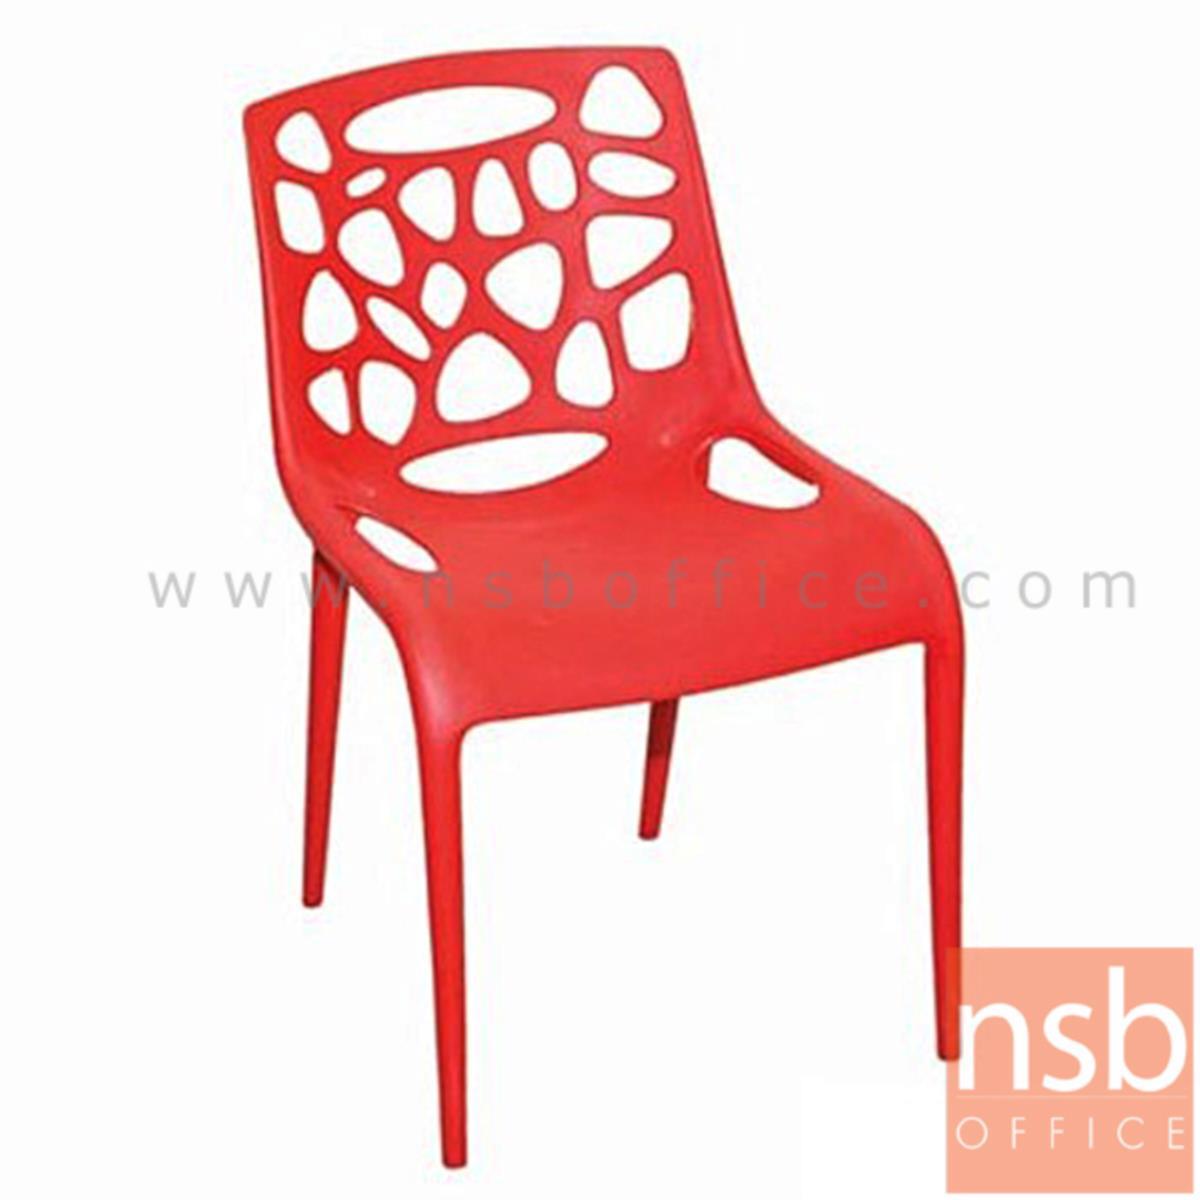 เก้าอี้พลาสติกล้วน(PP) รุ่น Eiffel (ไอเฟล) ขนาด 57W cm.